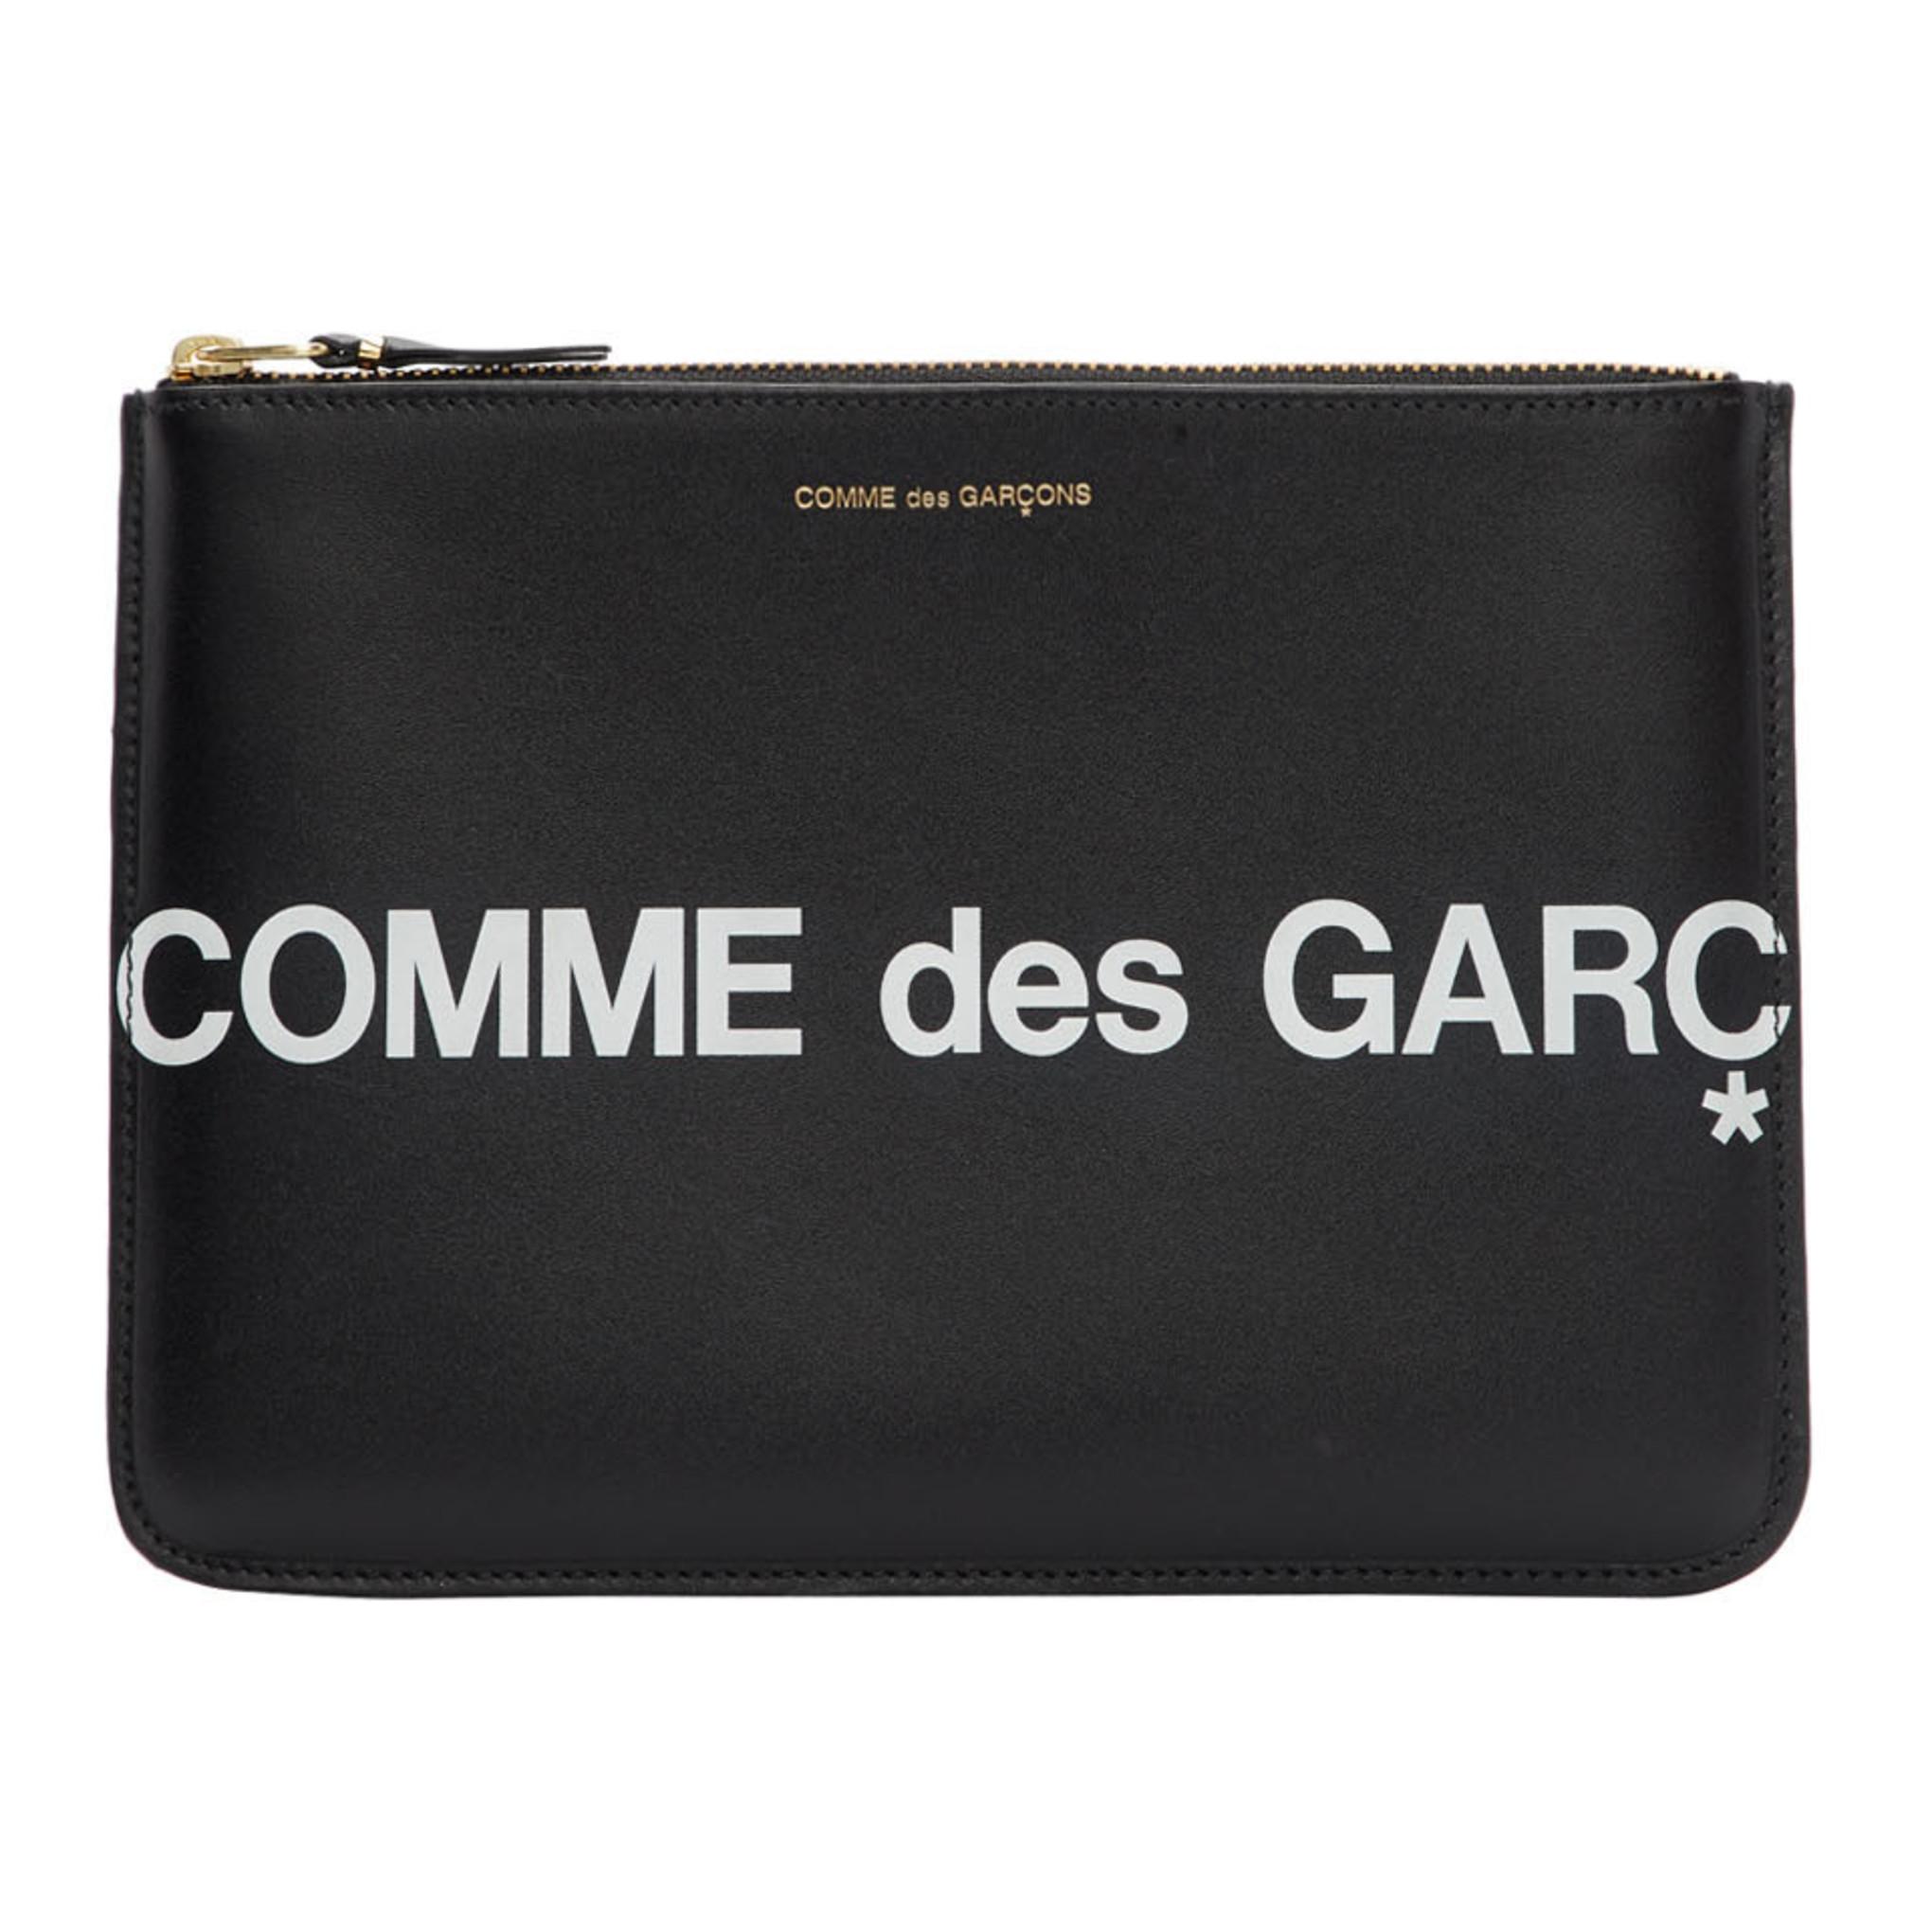 Black Huge Logo Zip Pouch by Comme Des GarÇons Wallets